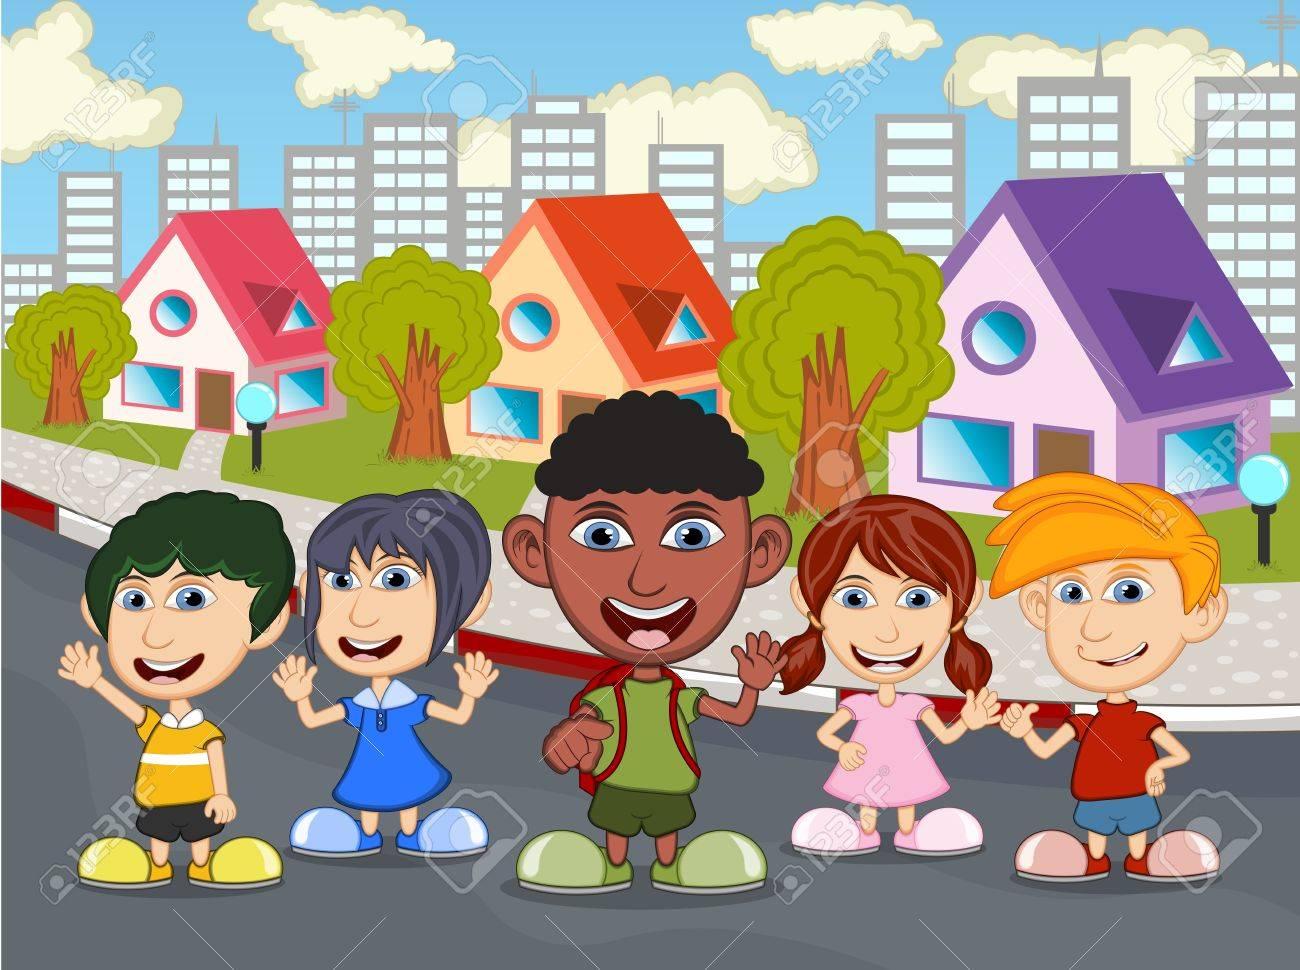 Ninos Jugando En La Calle De Dibujos Animados Ilustraciones